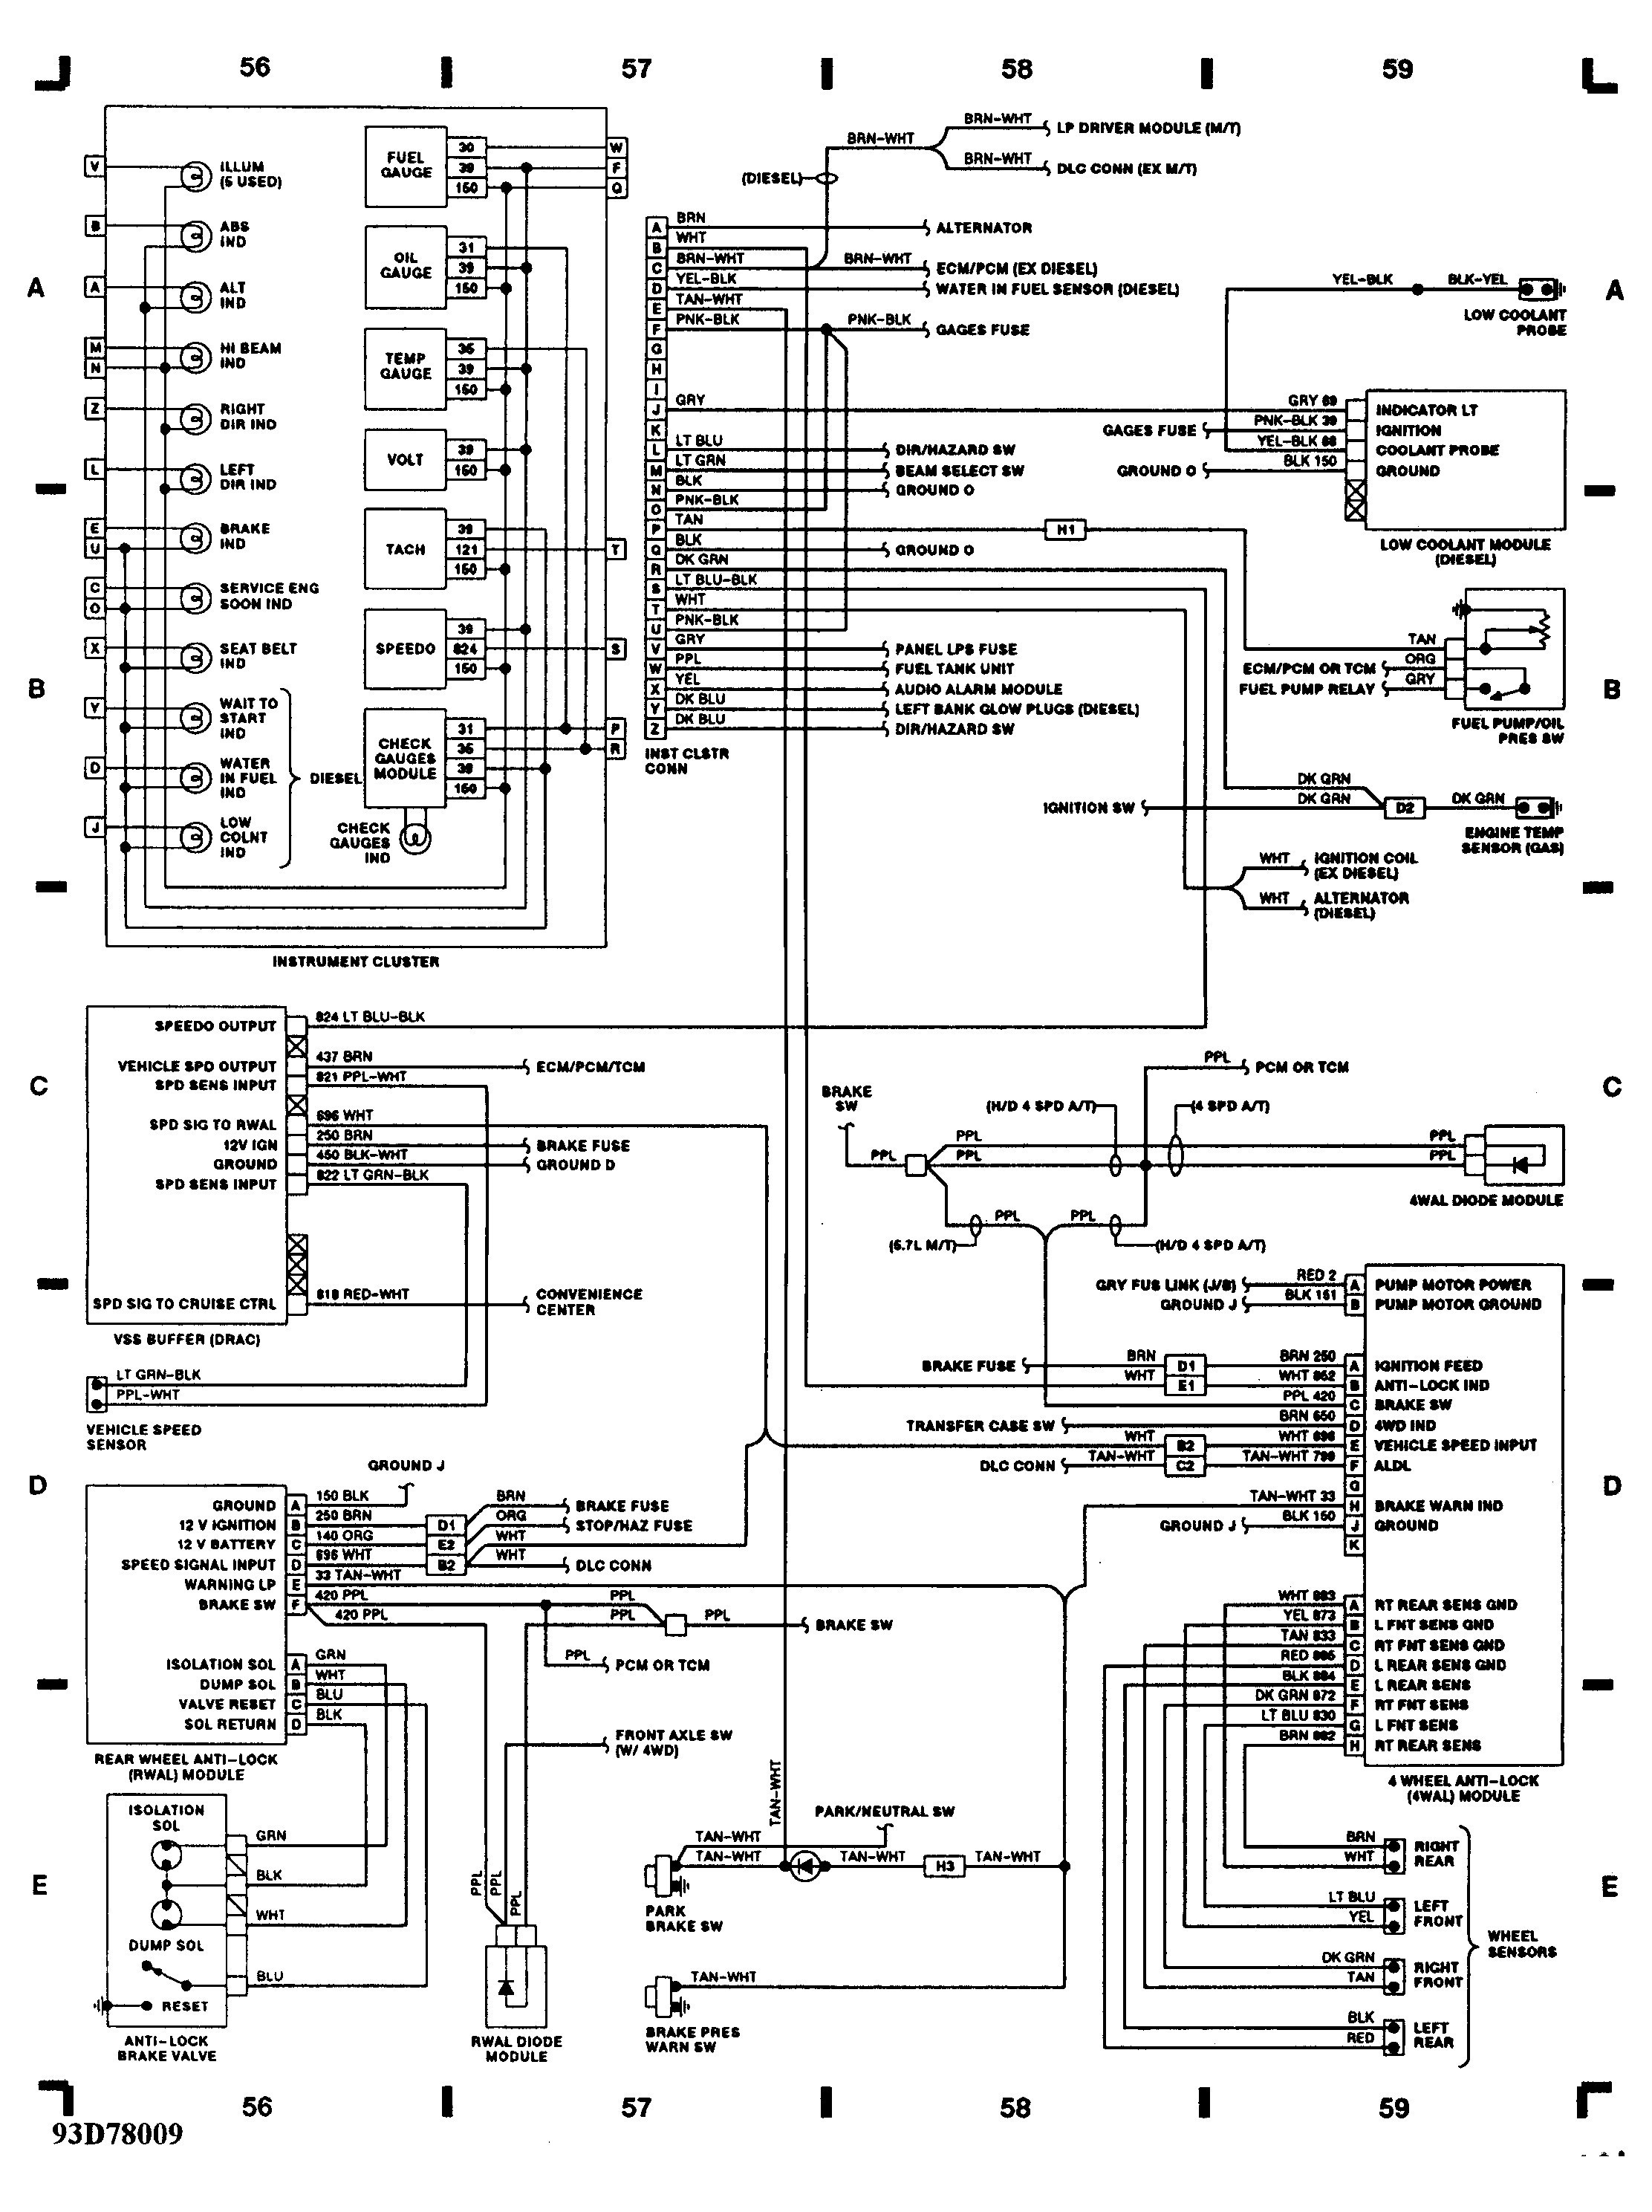 5 7 Liter Chevy Engine Diagram - Data Wiring Diagram Update